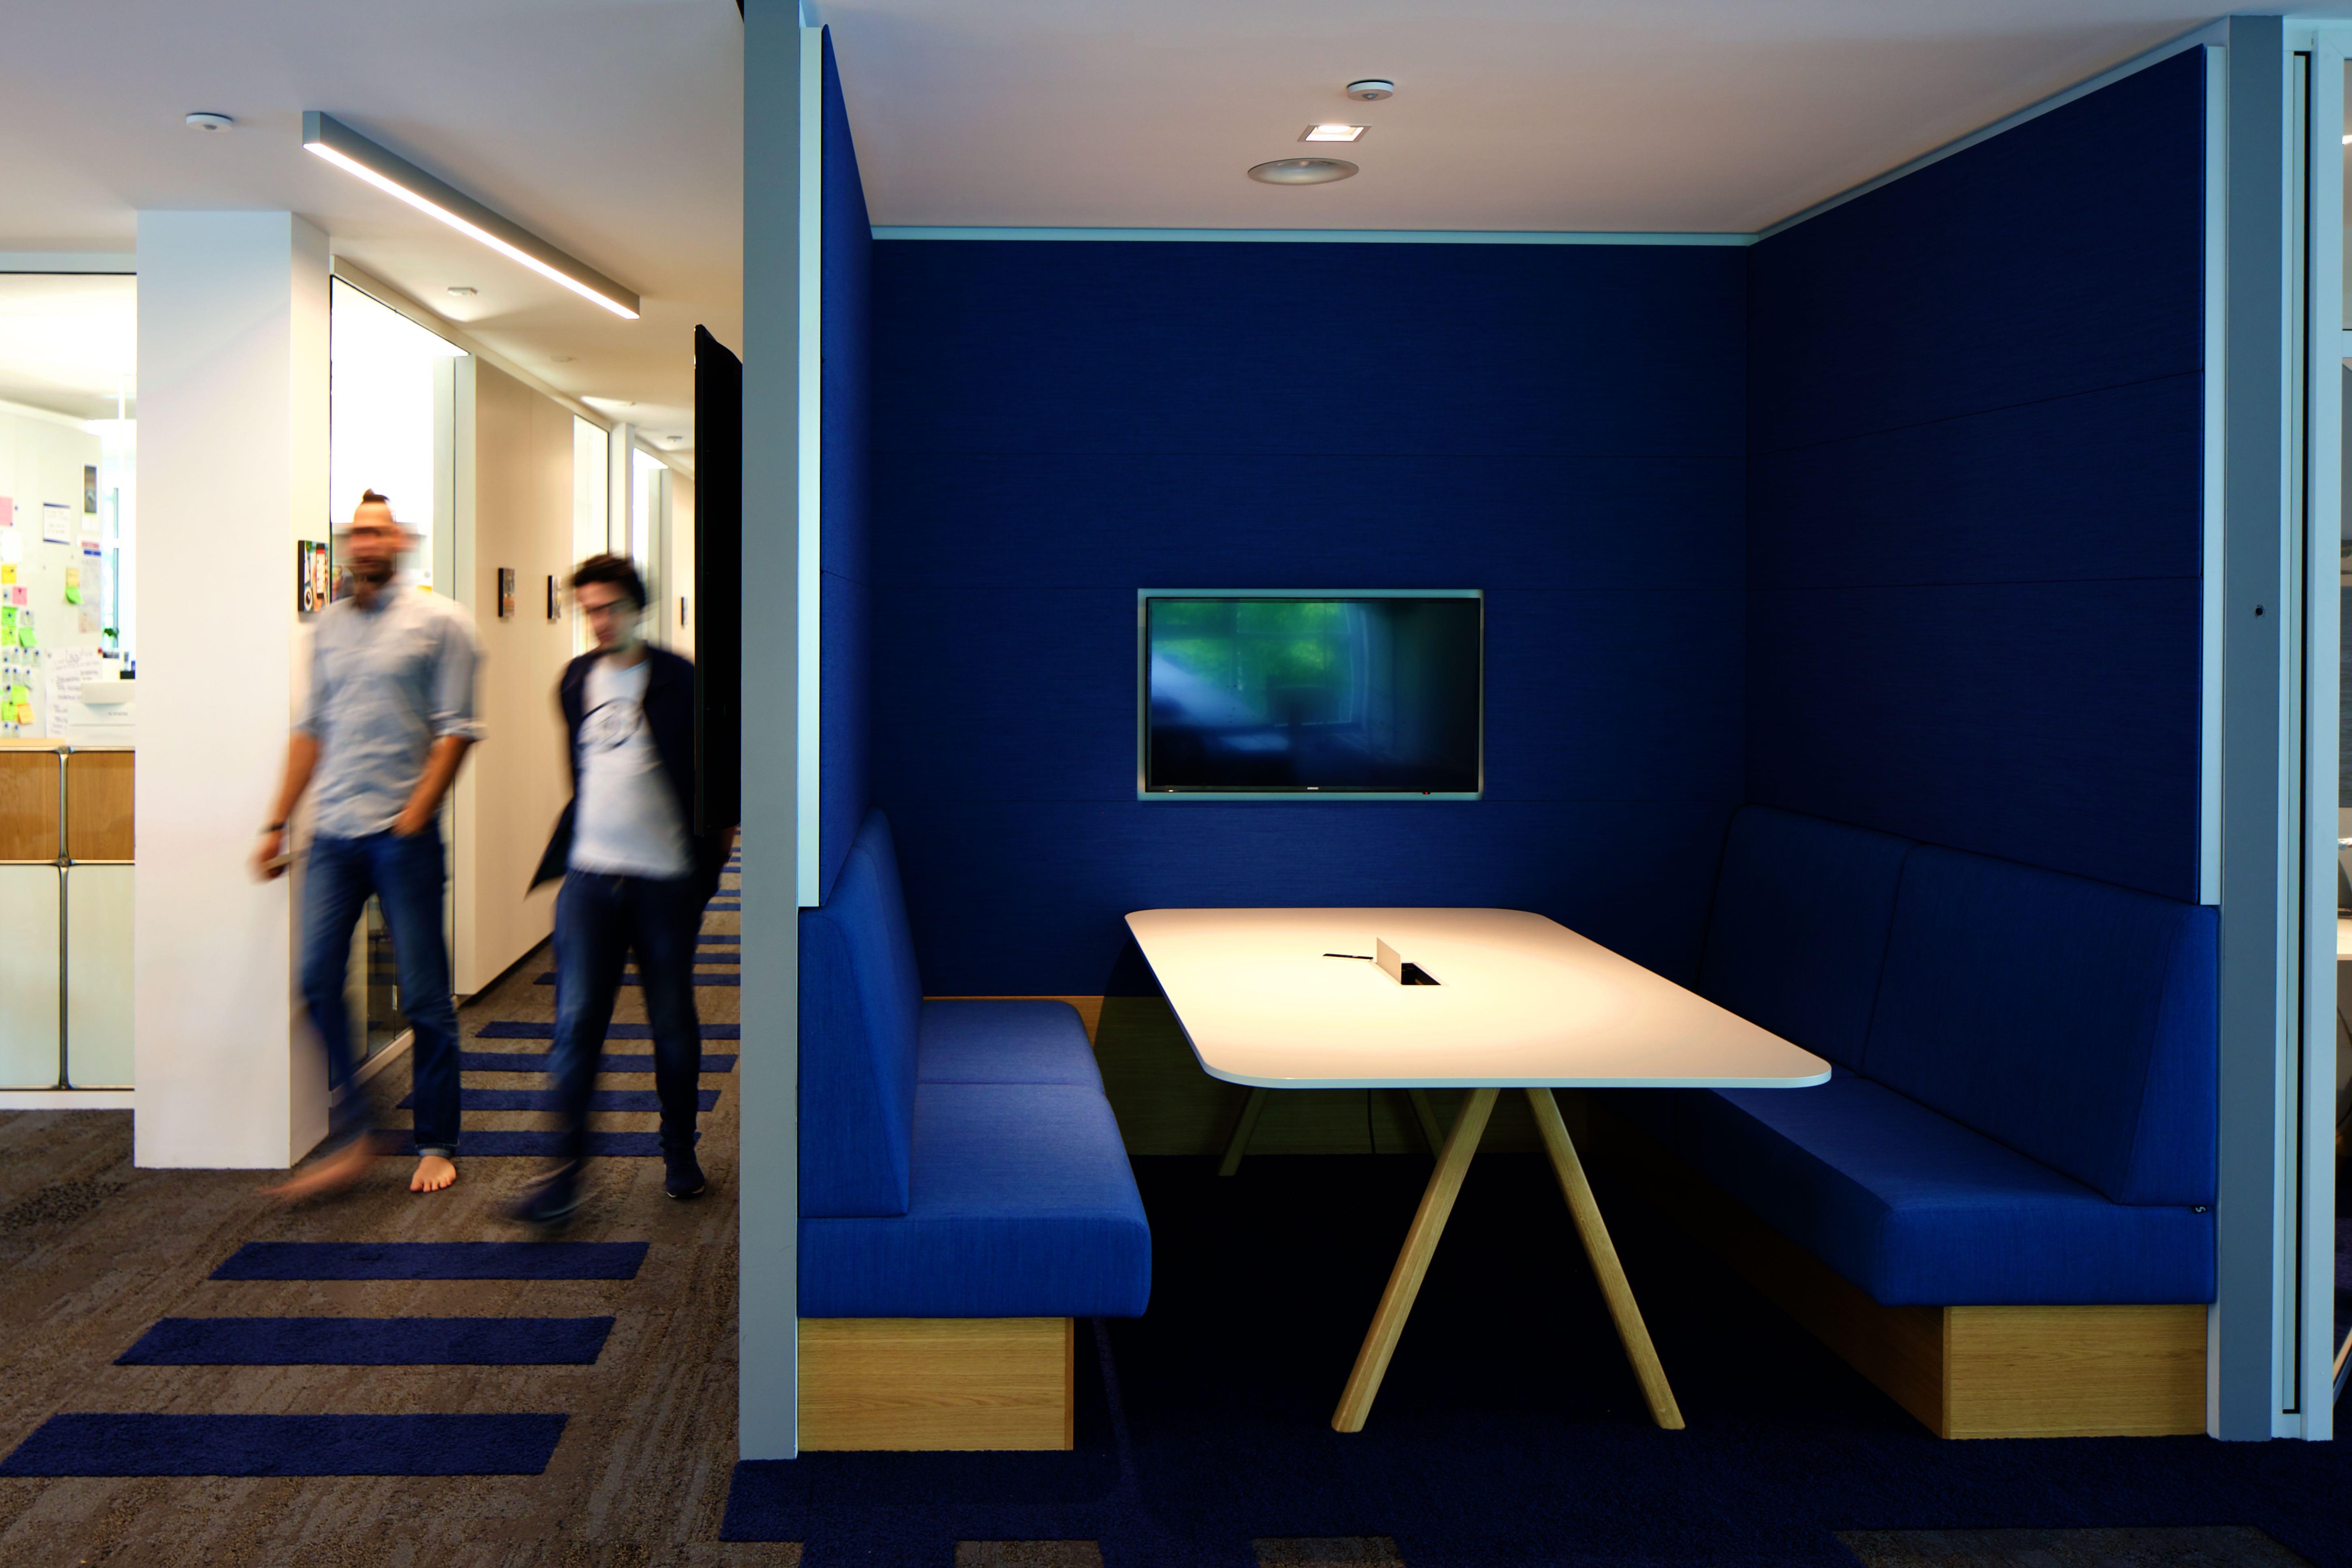 links Flur, rechts mit Stoff blau ausgekleidete Nische mit Tisch und Sitzbänken